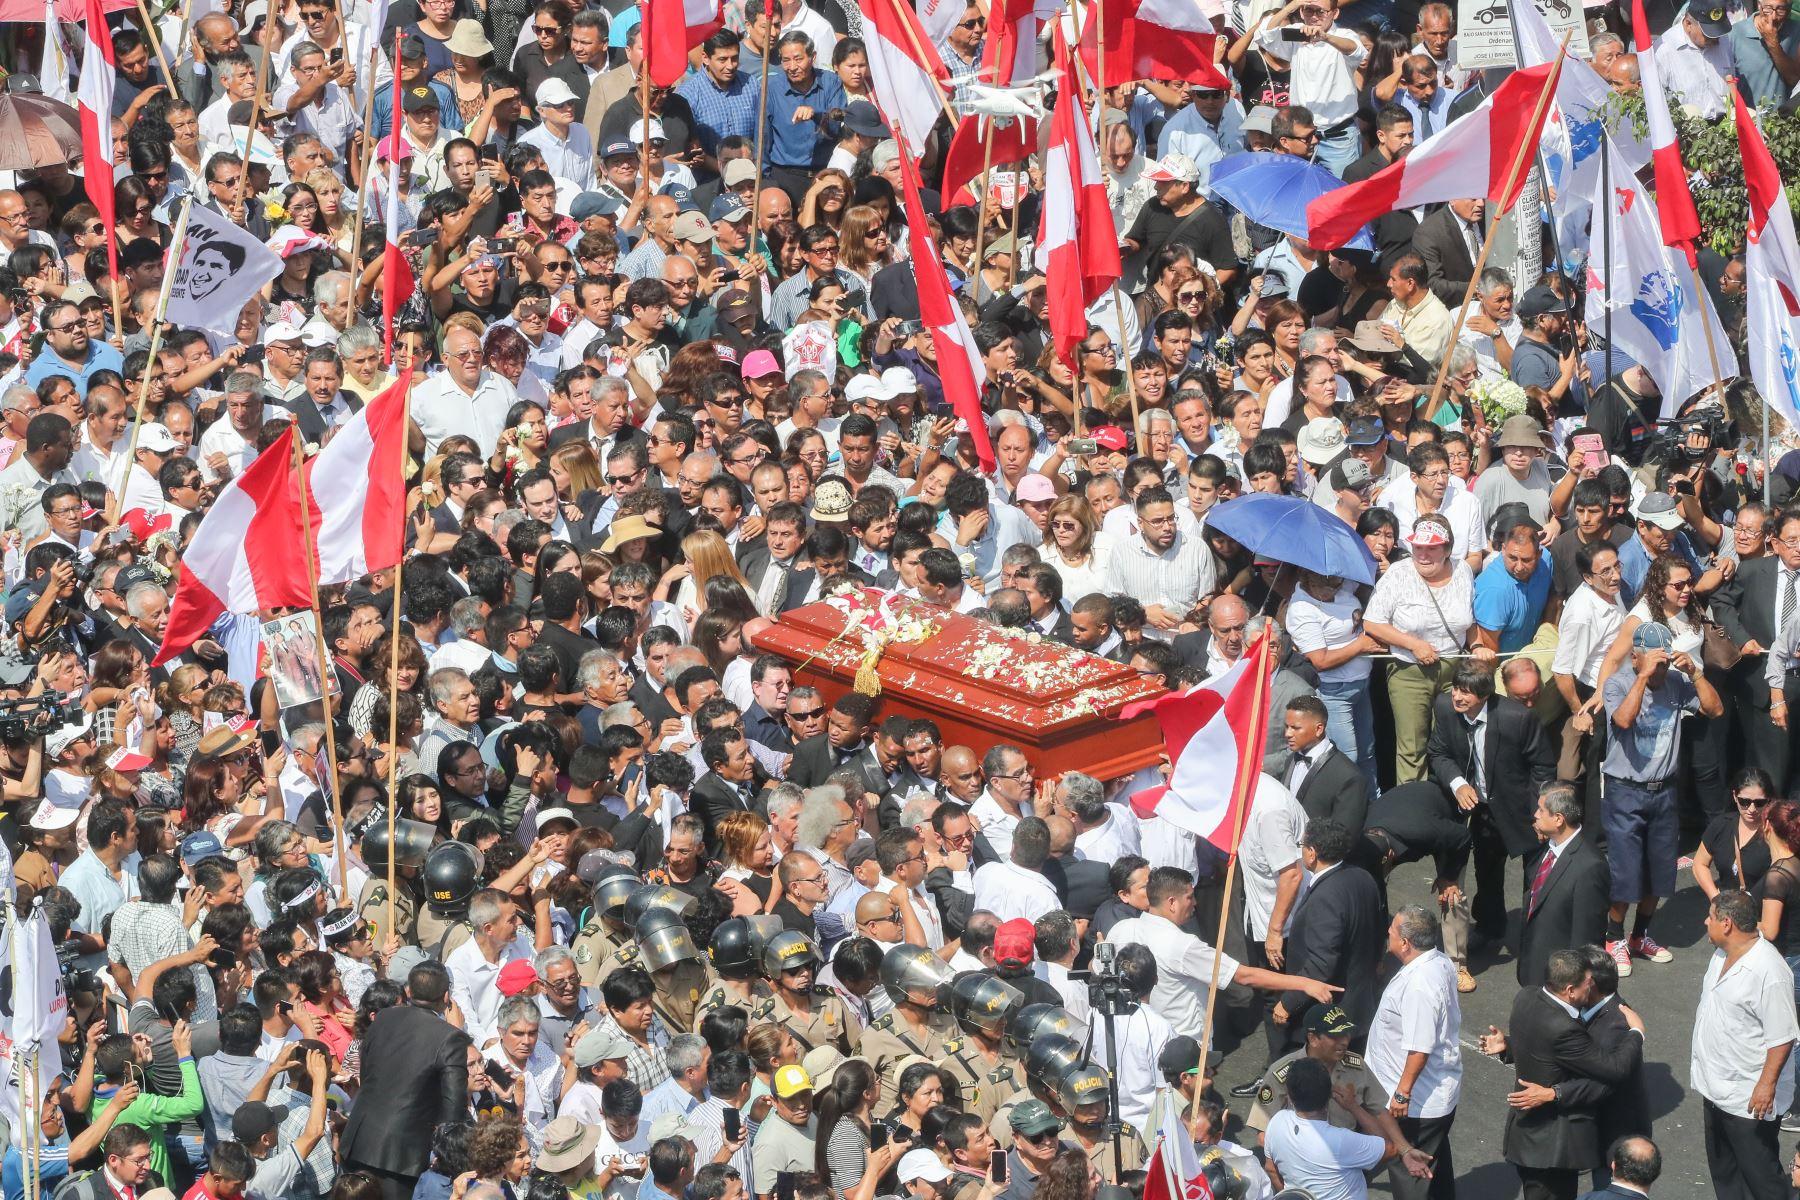 Restos del expresidente Alan García son trasladados a la Plaza 2 de Mayo  Foto: ANDINA/Juan Carlos Guzmán Negrini.